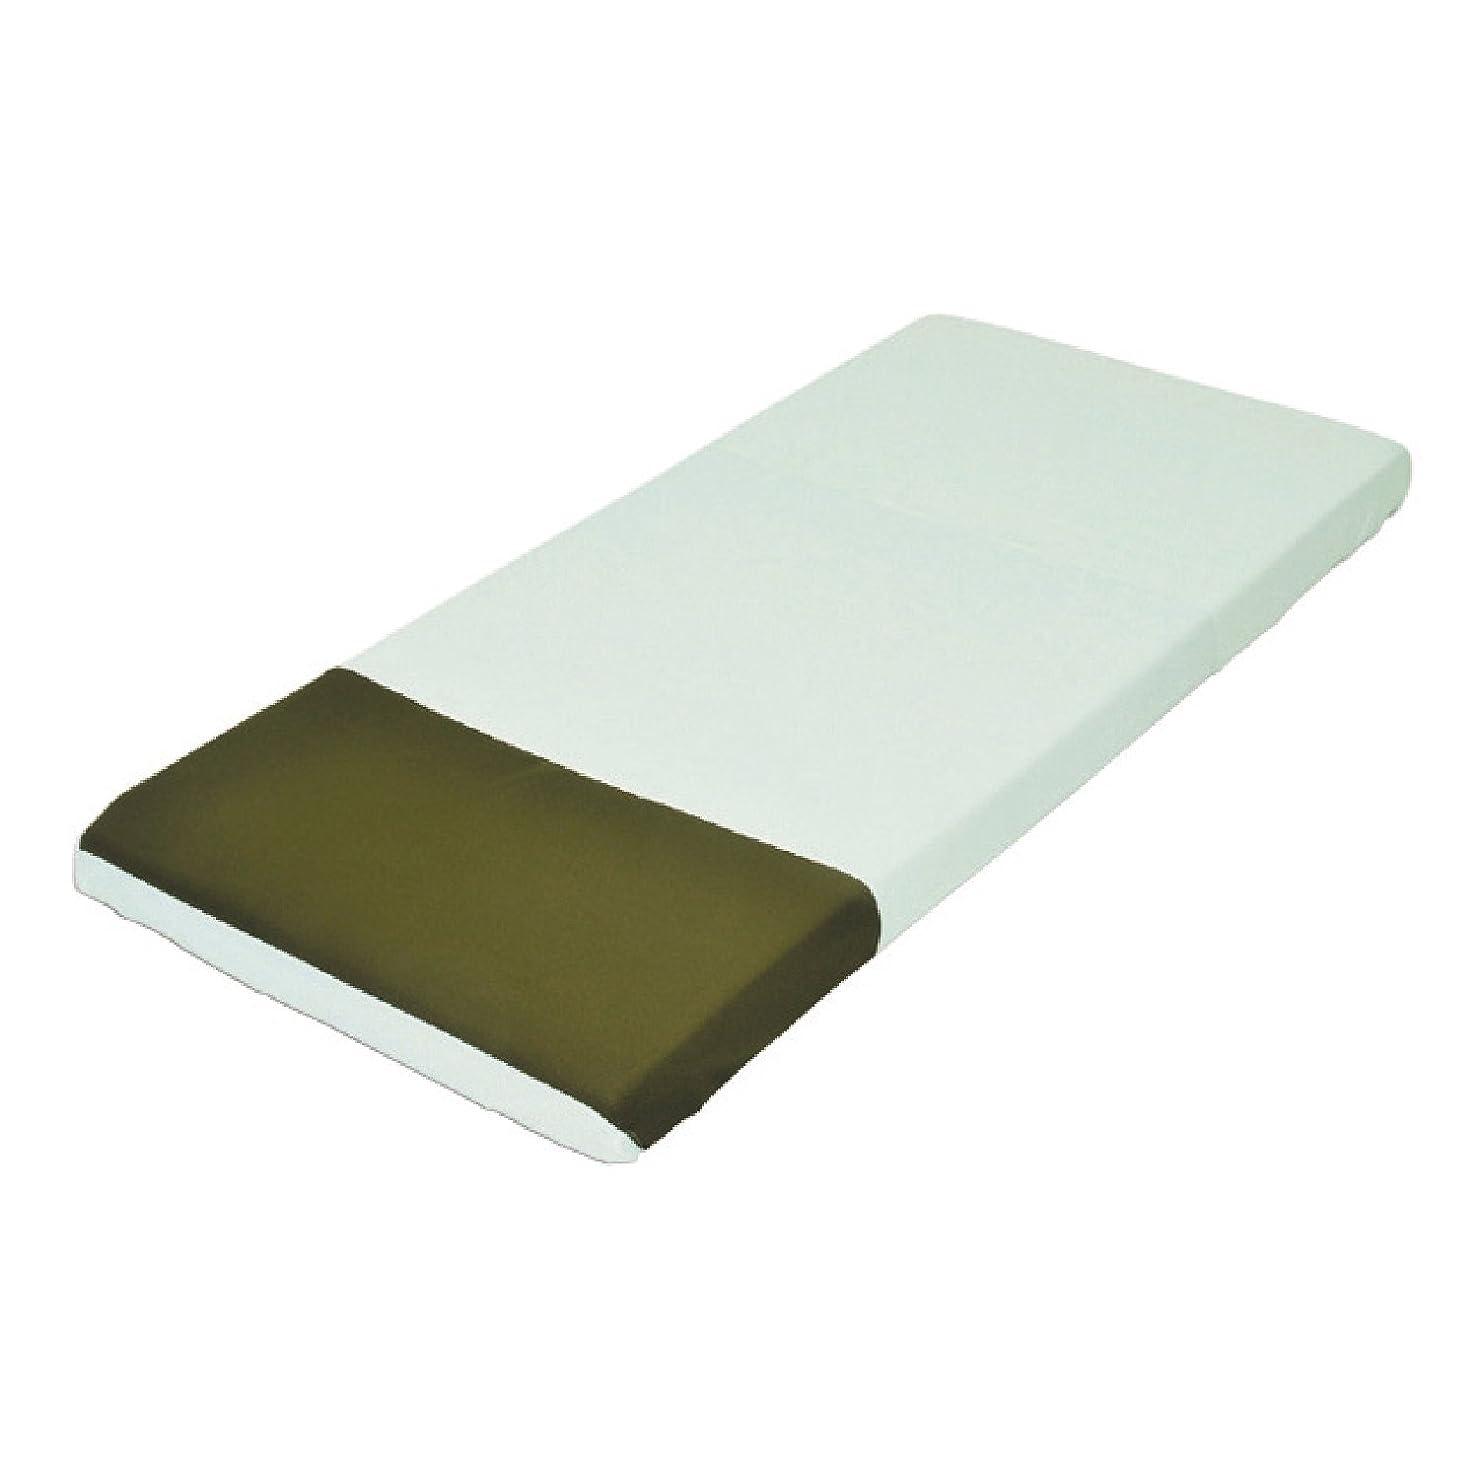 どこか忌み嫌う特定のモルテン ハイパー除湿シーツ 吸水拡散 防水 ボックス全身 グリーン